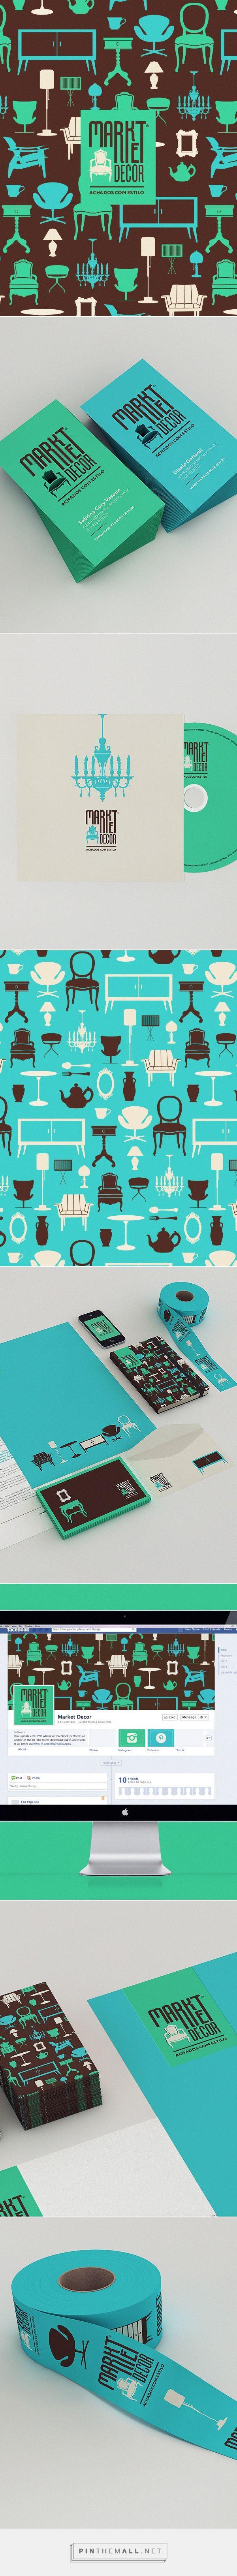 Market Decor on Behance | Fivestar Branding – Design and Branding Agency & Inspiration Gallery